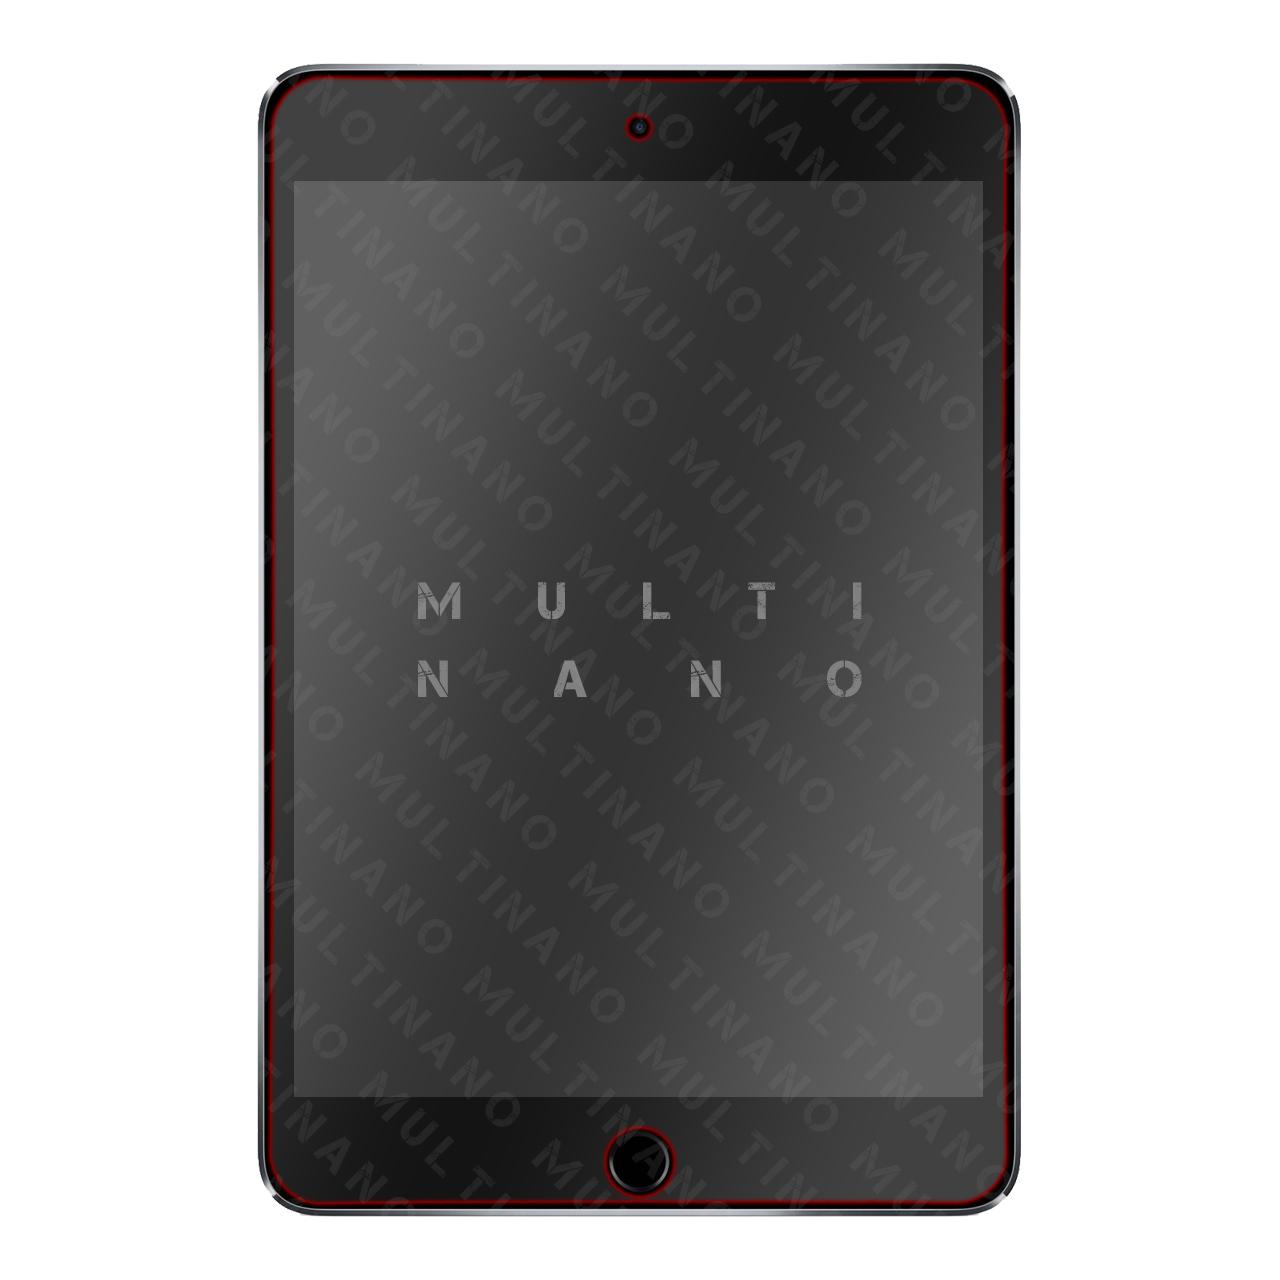 محافظ صفحه نمایش مولتی نانو مناسب برای تبلت اپل آیپد مینی / مینی 3 / مینی 4